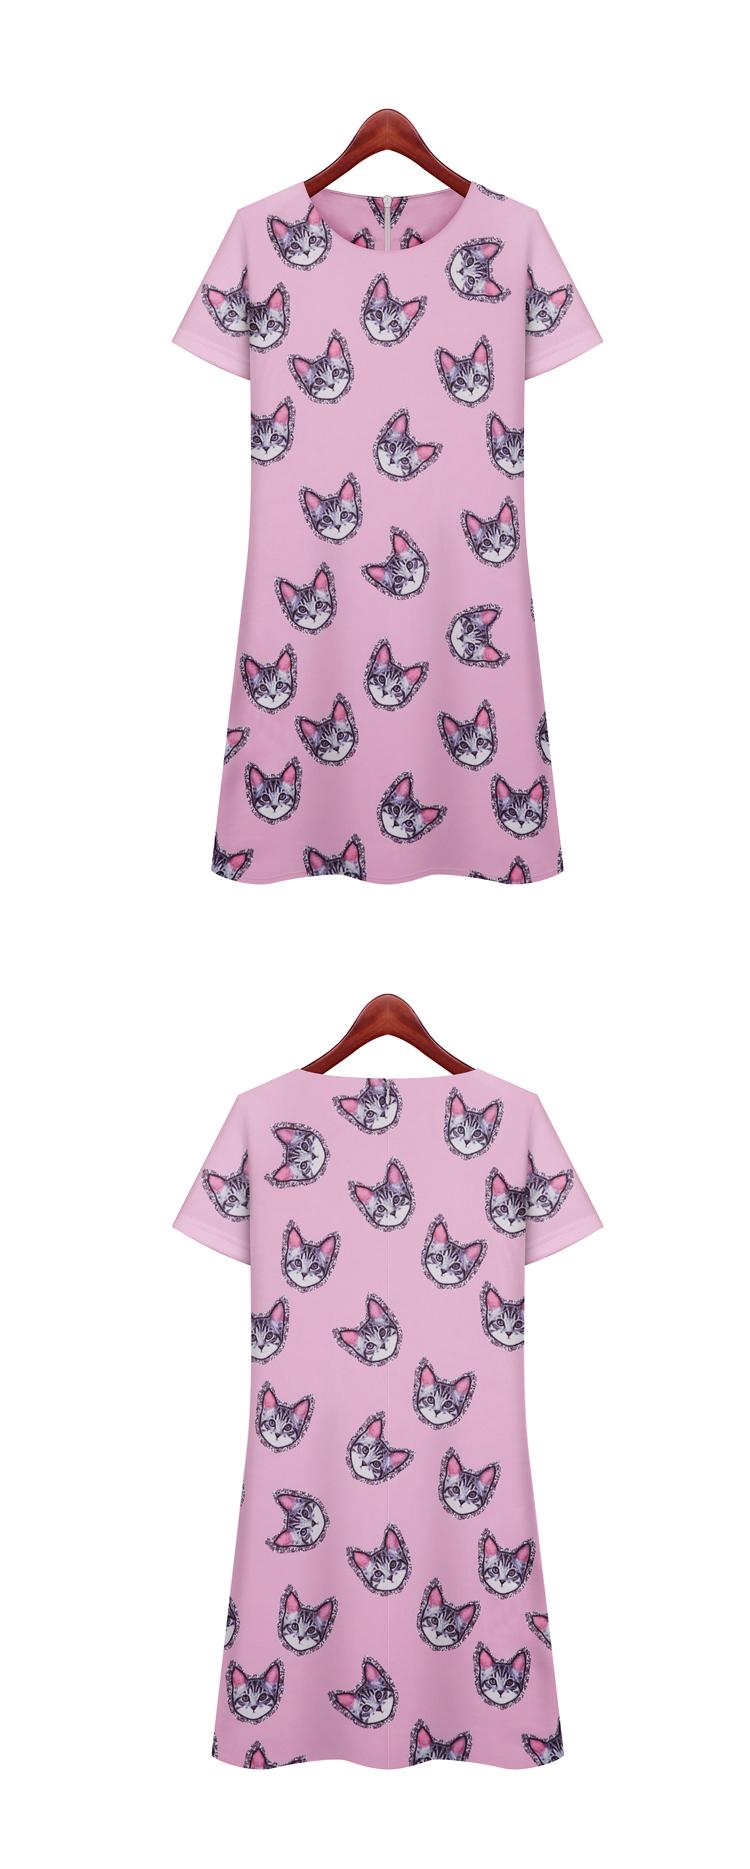 香堤花语 2015夏装新品数码印染动物猫头印花连衣裙 jg9108 图色 s